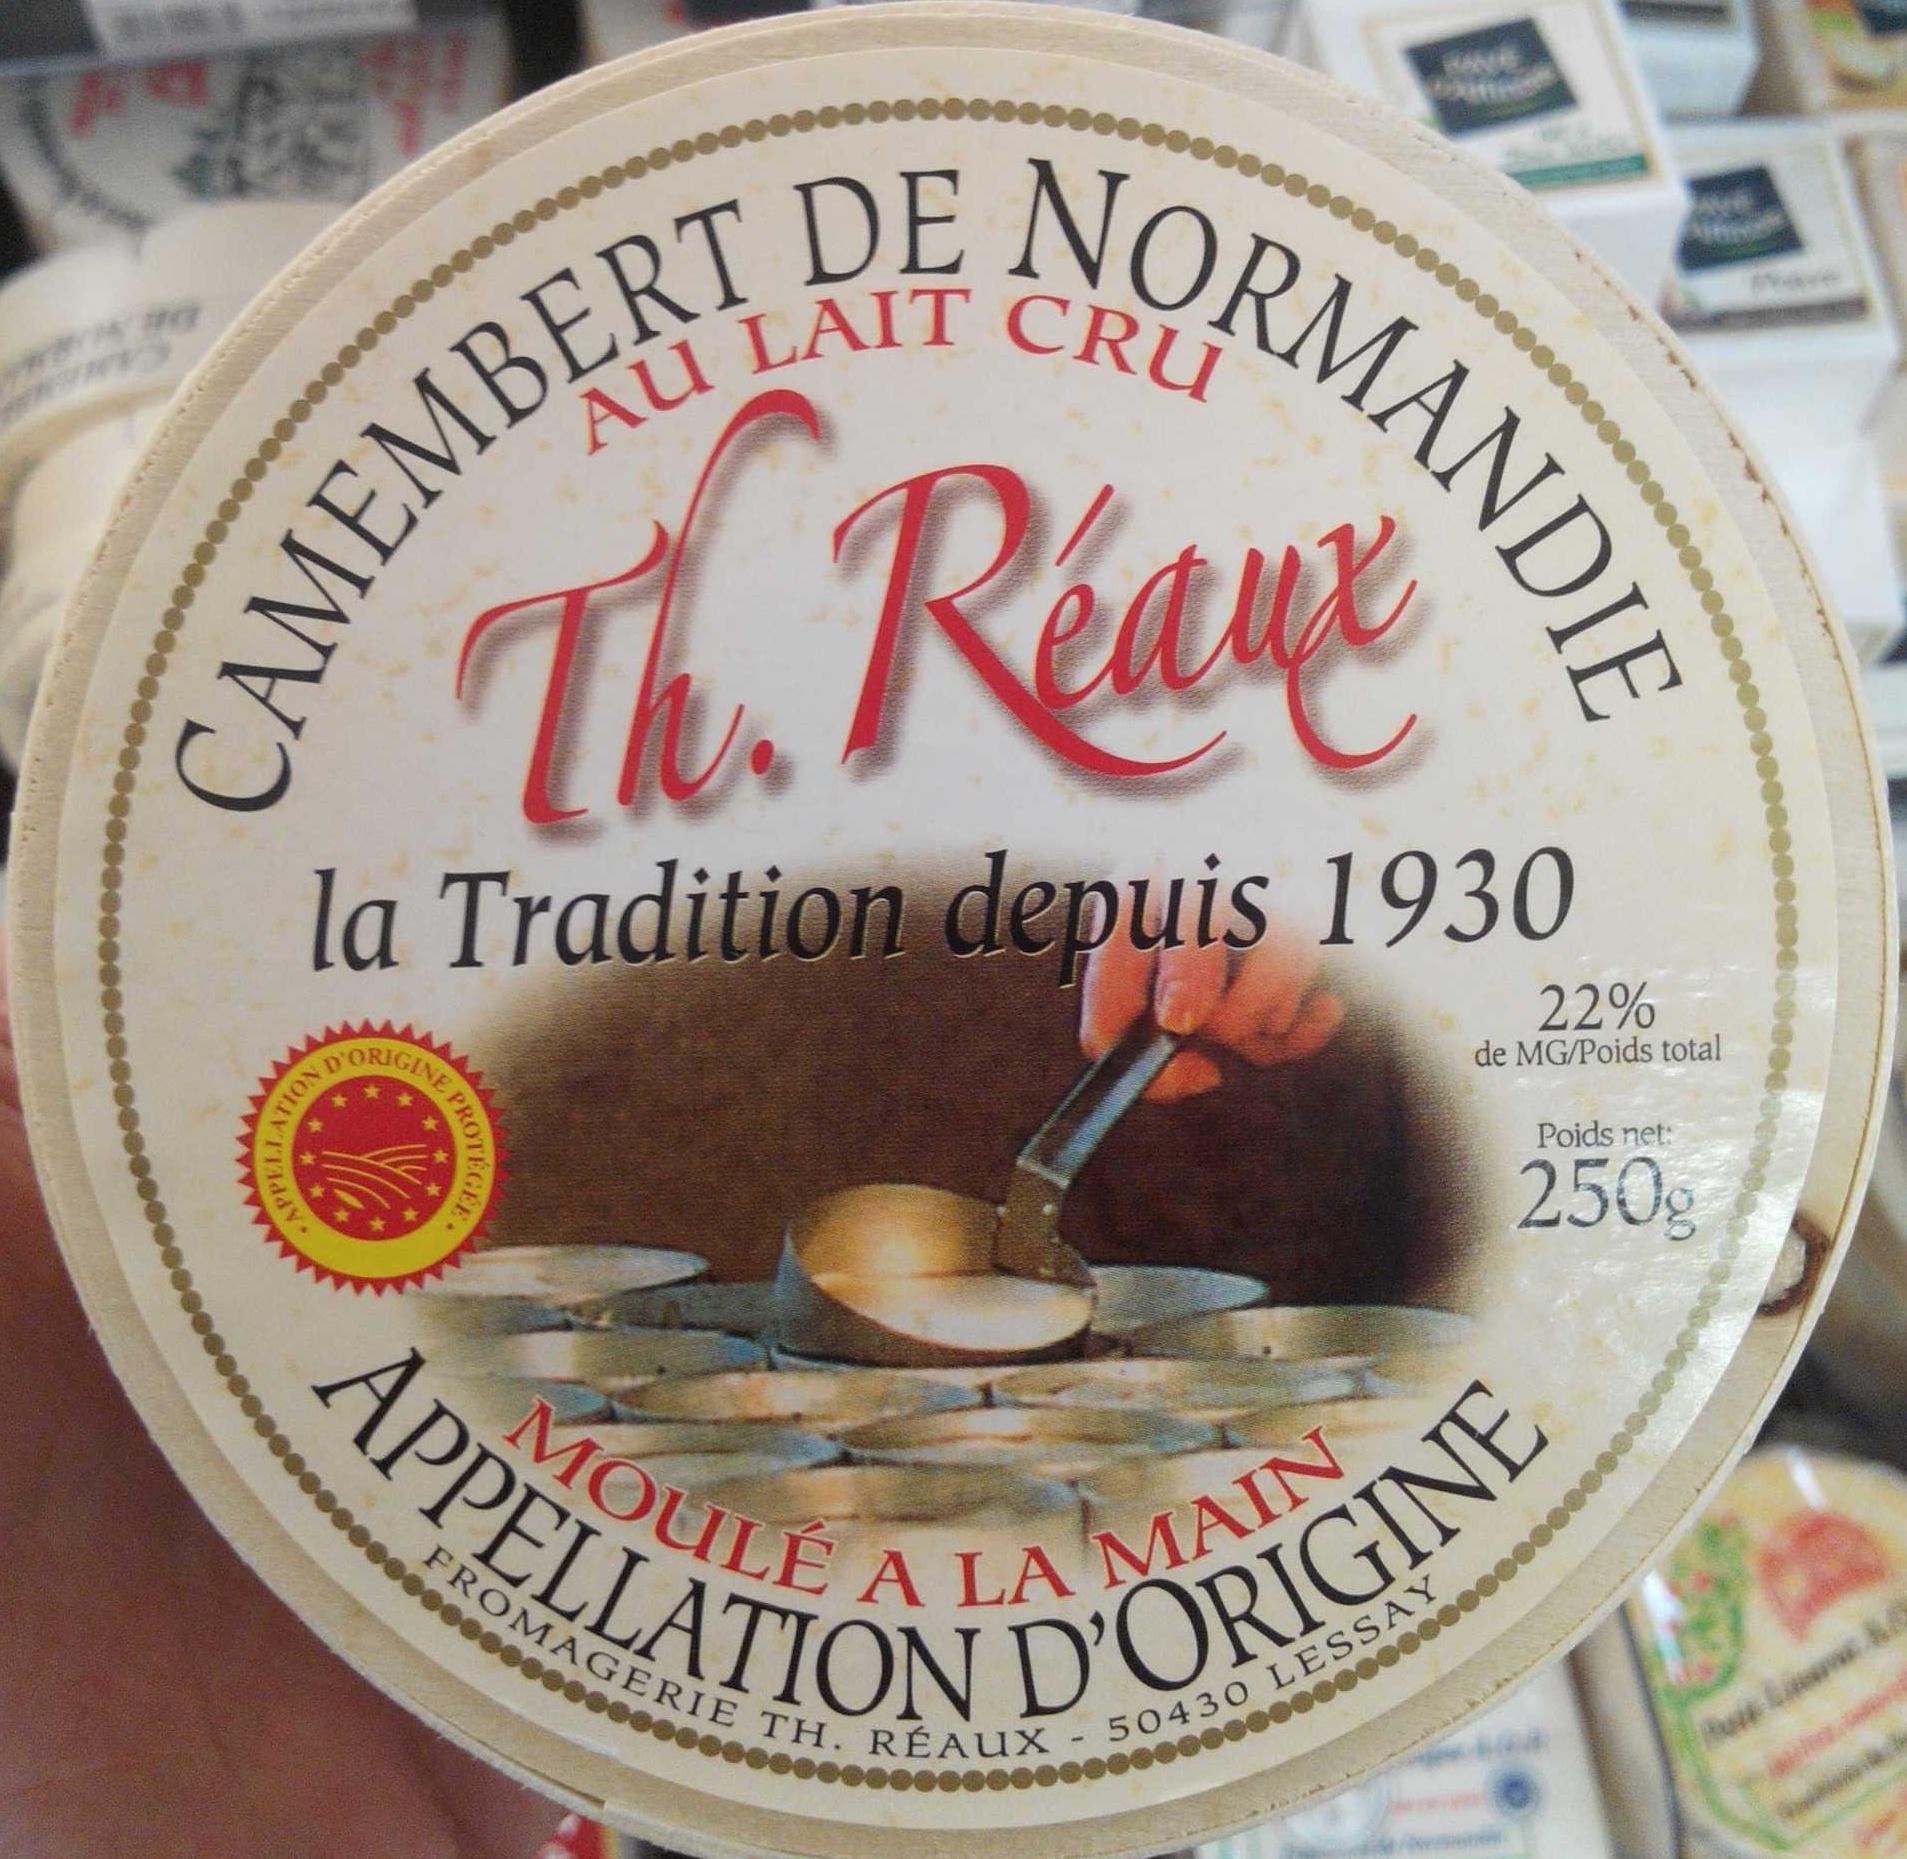 Camembert de Normandie au lait cru (22% MG) - Product - fr